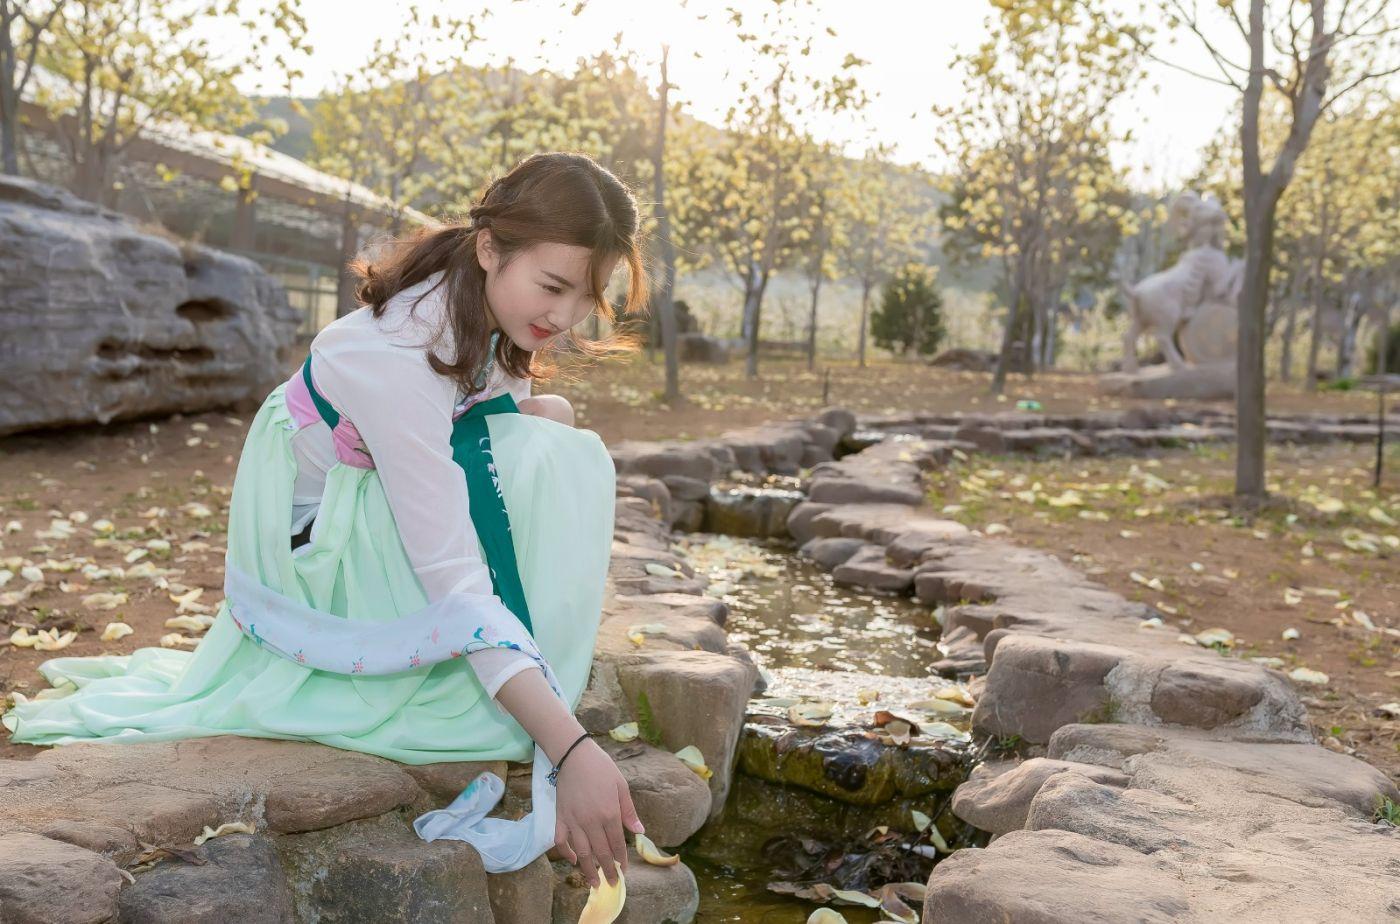 柿子妮又来了女孩越来越漂亮了穿上汉服的她在马泉花海中_图1-16